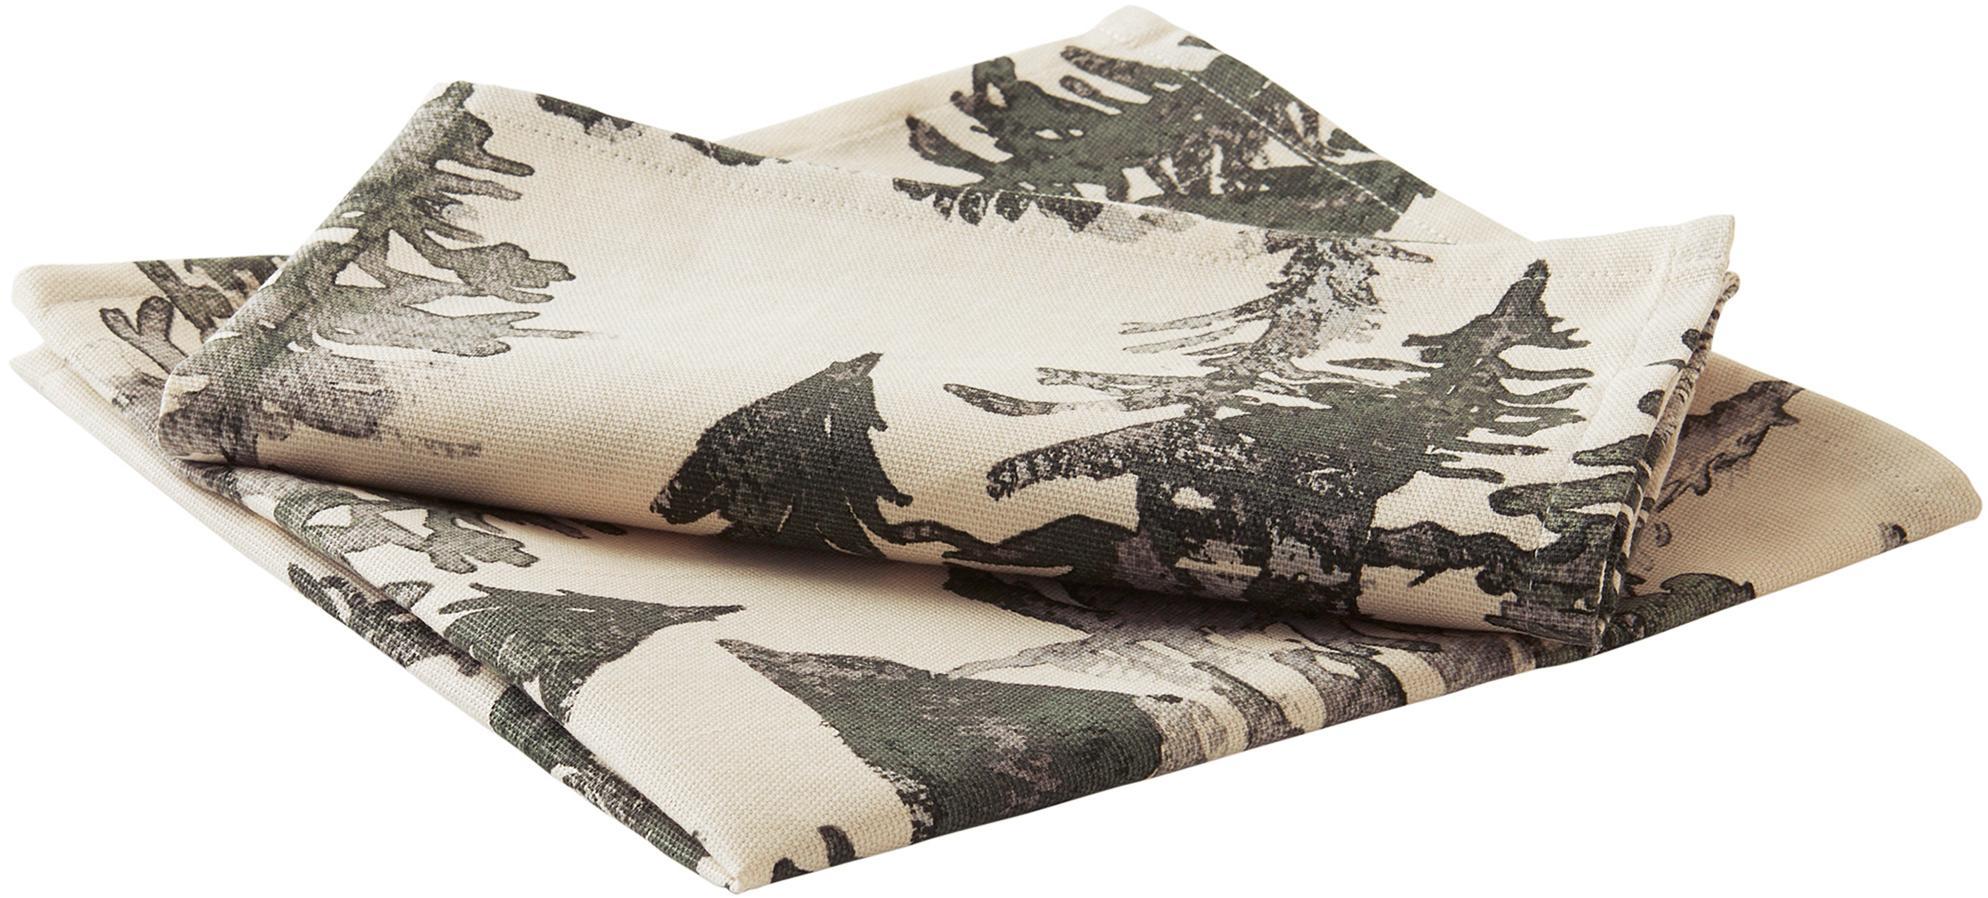 Servilletas de algodón Forrest, 2uds., 100%algodón de cultivos sostenible de algodón, Tonos cremas, verdes y grises, An 45 x L 45 cm